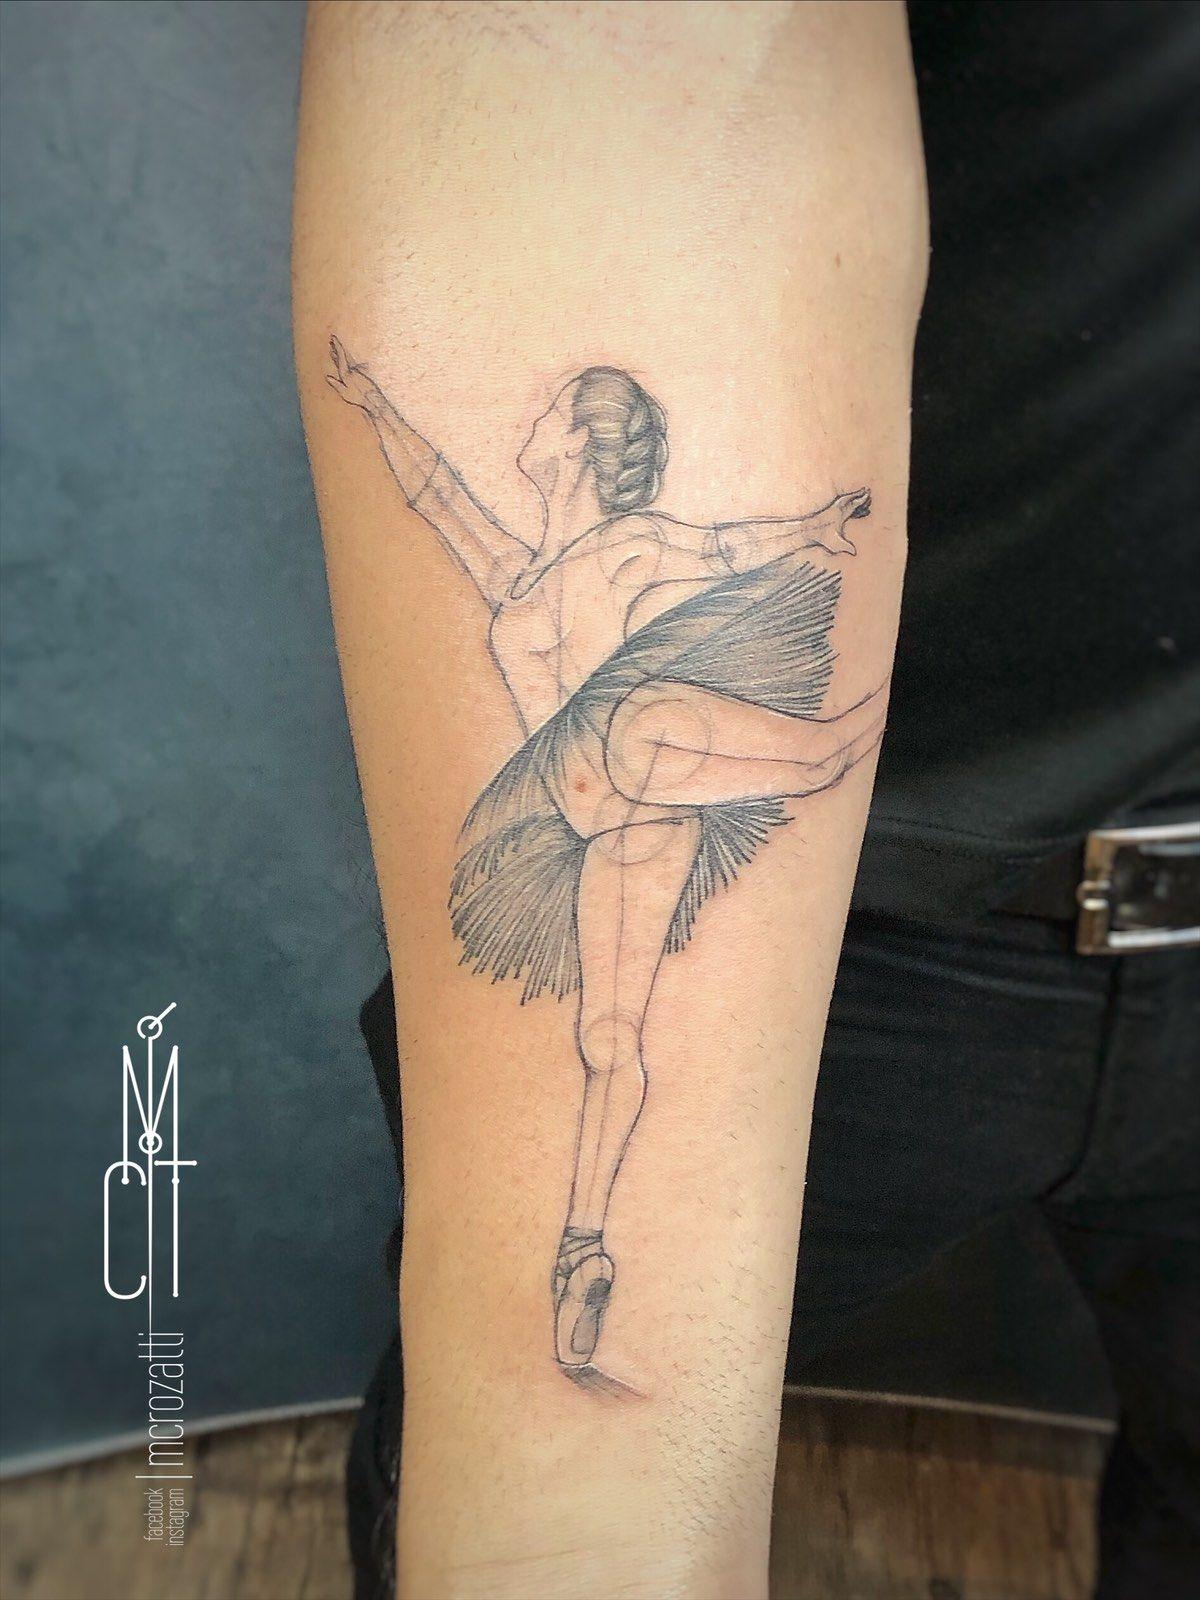 ✧ Bᴀʟʟᴇʀɪɴᴀ ✧ . Para o Charles. Feita com base em uma foto muito especial, de uma pessoa muito especial. Valeu Charles! Foi um prazer! 🌹 . . . .  #tattoofrases #frasetattoo #escritatattoo #artenocorpo #tatuagemsp #lineworktattoo #tatuagemfineline #besttattoos #lovetattoos #tatuagemideal #tattooink #tattootime #tattoolifestile #tatuadorasbrasileiras #tatuagemdelicada #tattoofineline #tattoolovers #tattoo #sptattoo #cutetattoo #tatuagemfeminina #tattooer #mcrozatti #inkalma